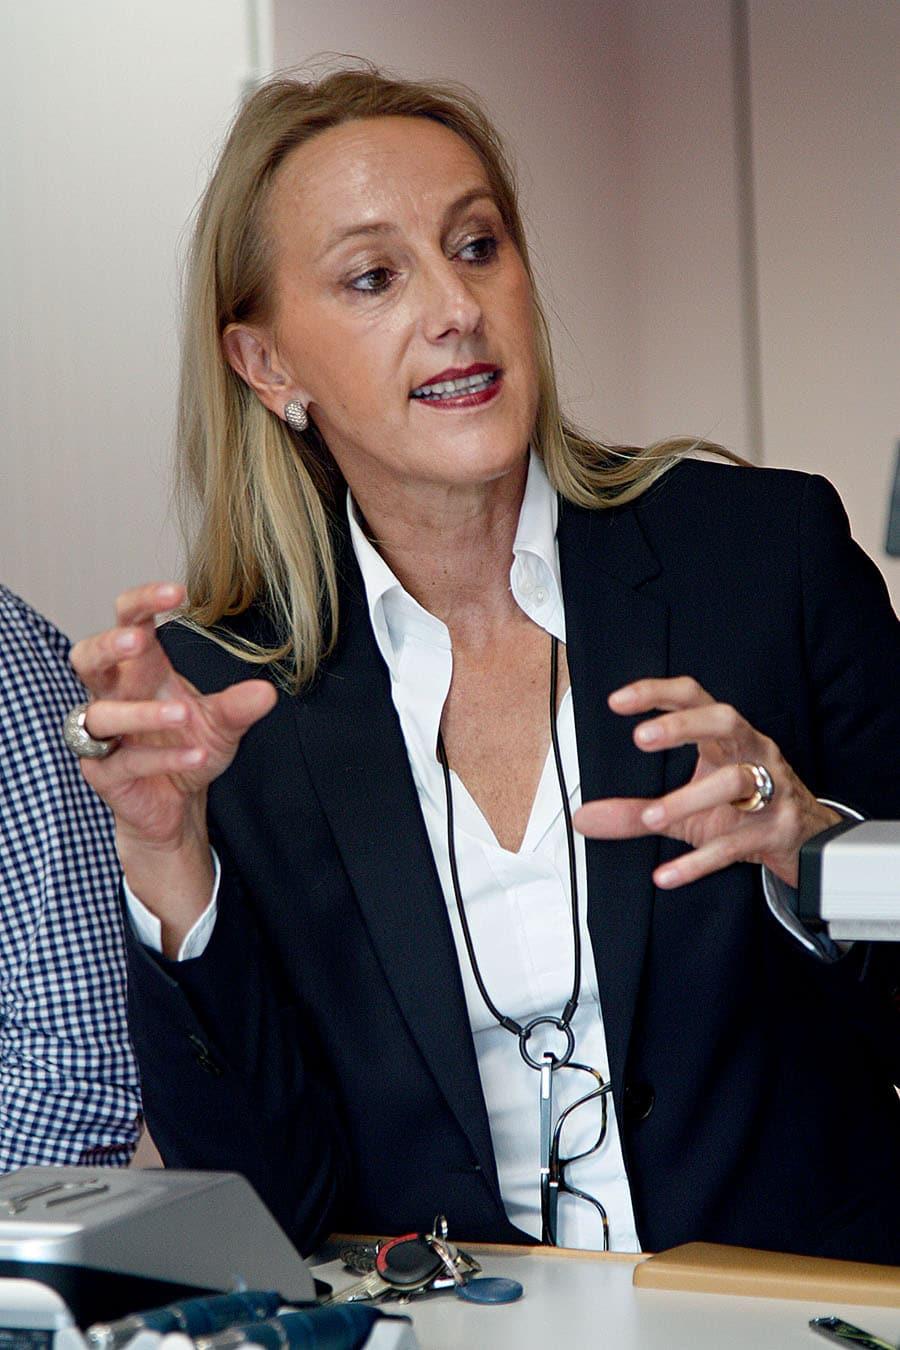 Christine Hutter, Gründerin und Geschäftsführerin Moritz Grossmann, gehört zu den Gästen des luxuriösen CEO-Dinners der Leserreise.